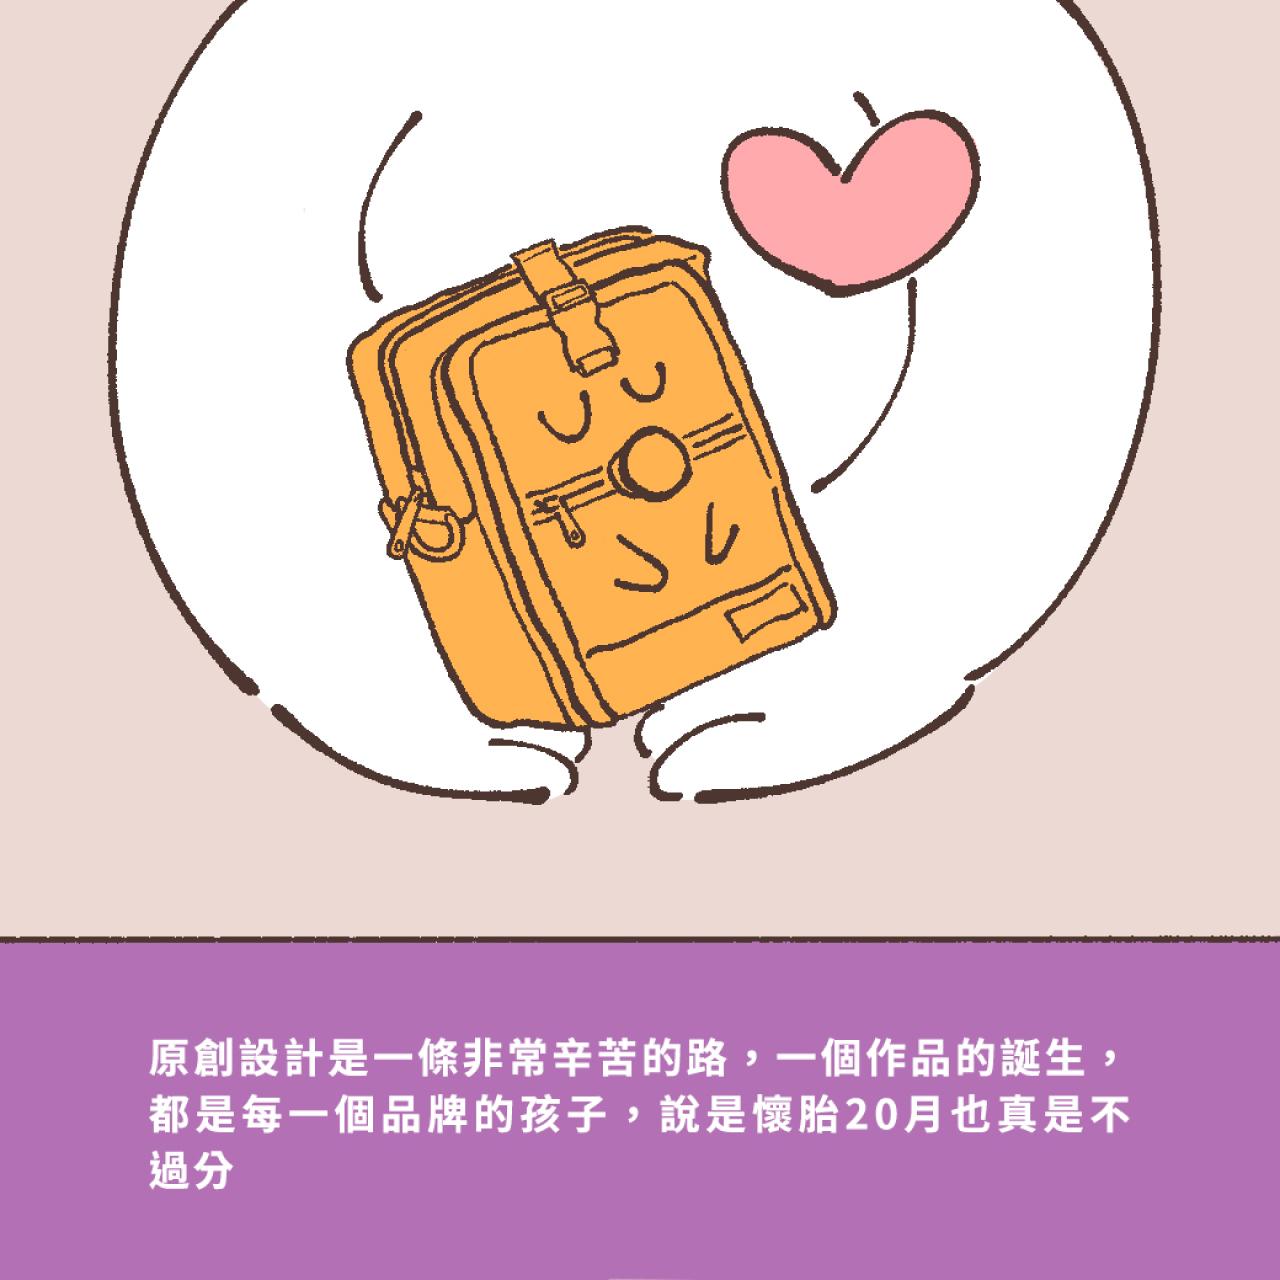 pm旅行小包,旅行小包,小包,小包包,原創設計,設計解密,包包設計